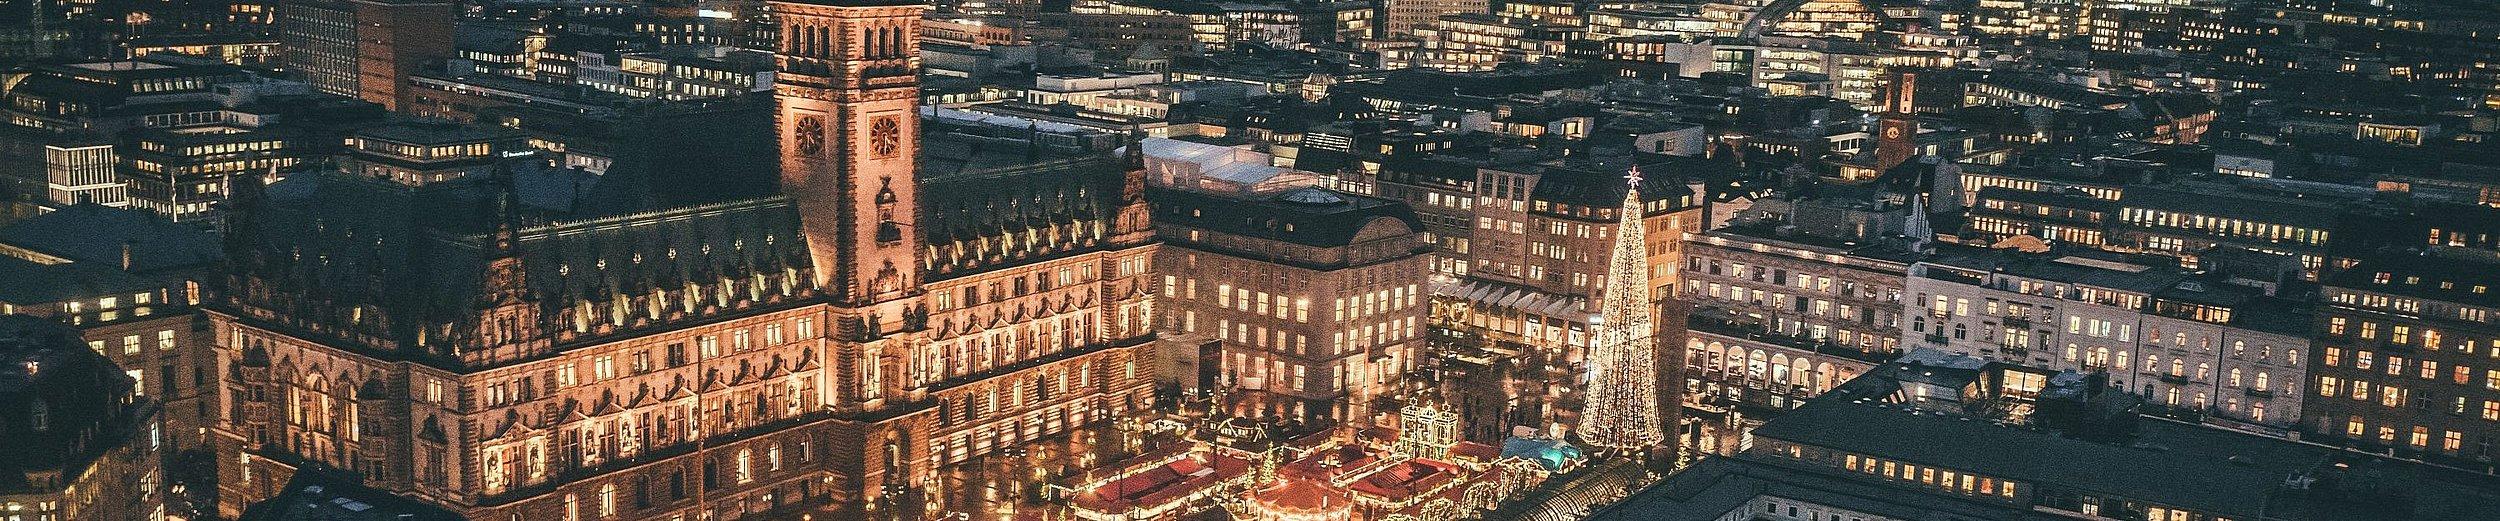 Weihnachtsmarkt Eröffnung Hamburg.Weihnachtsmärkte In Hamburg Jetzt Entdecken Hamburg Tourismus